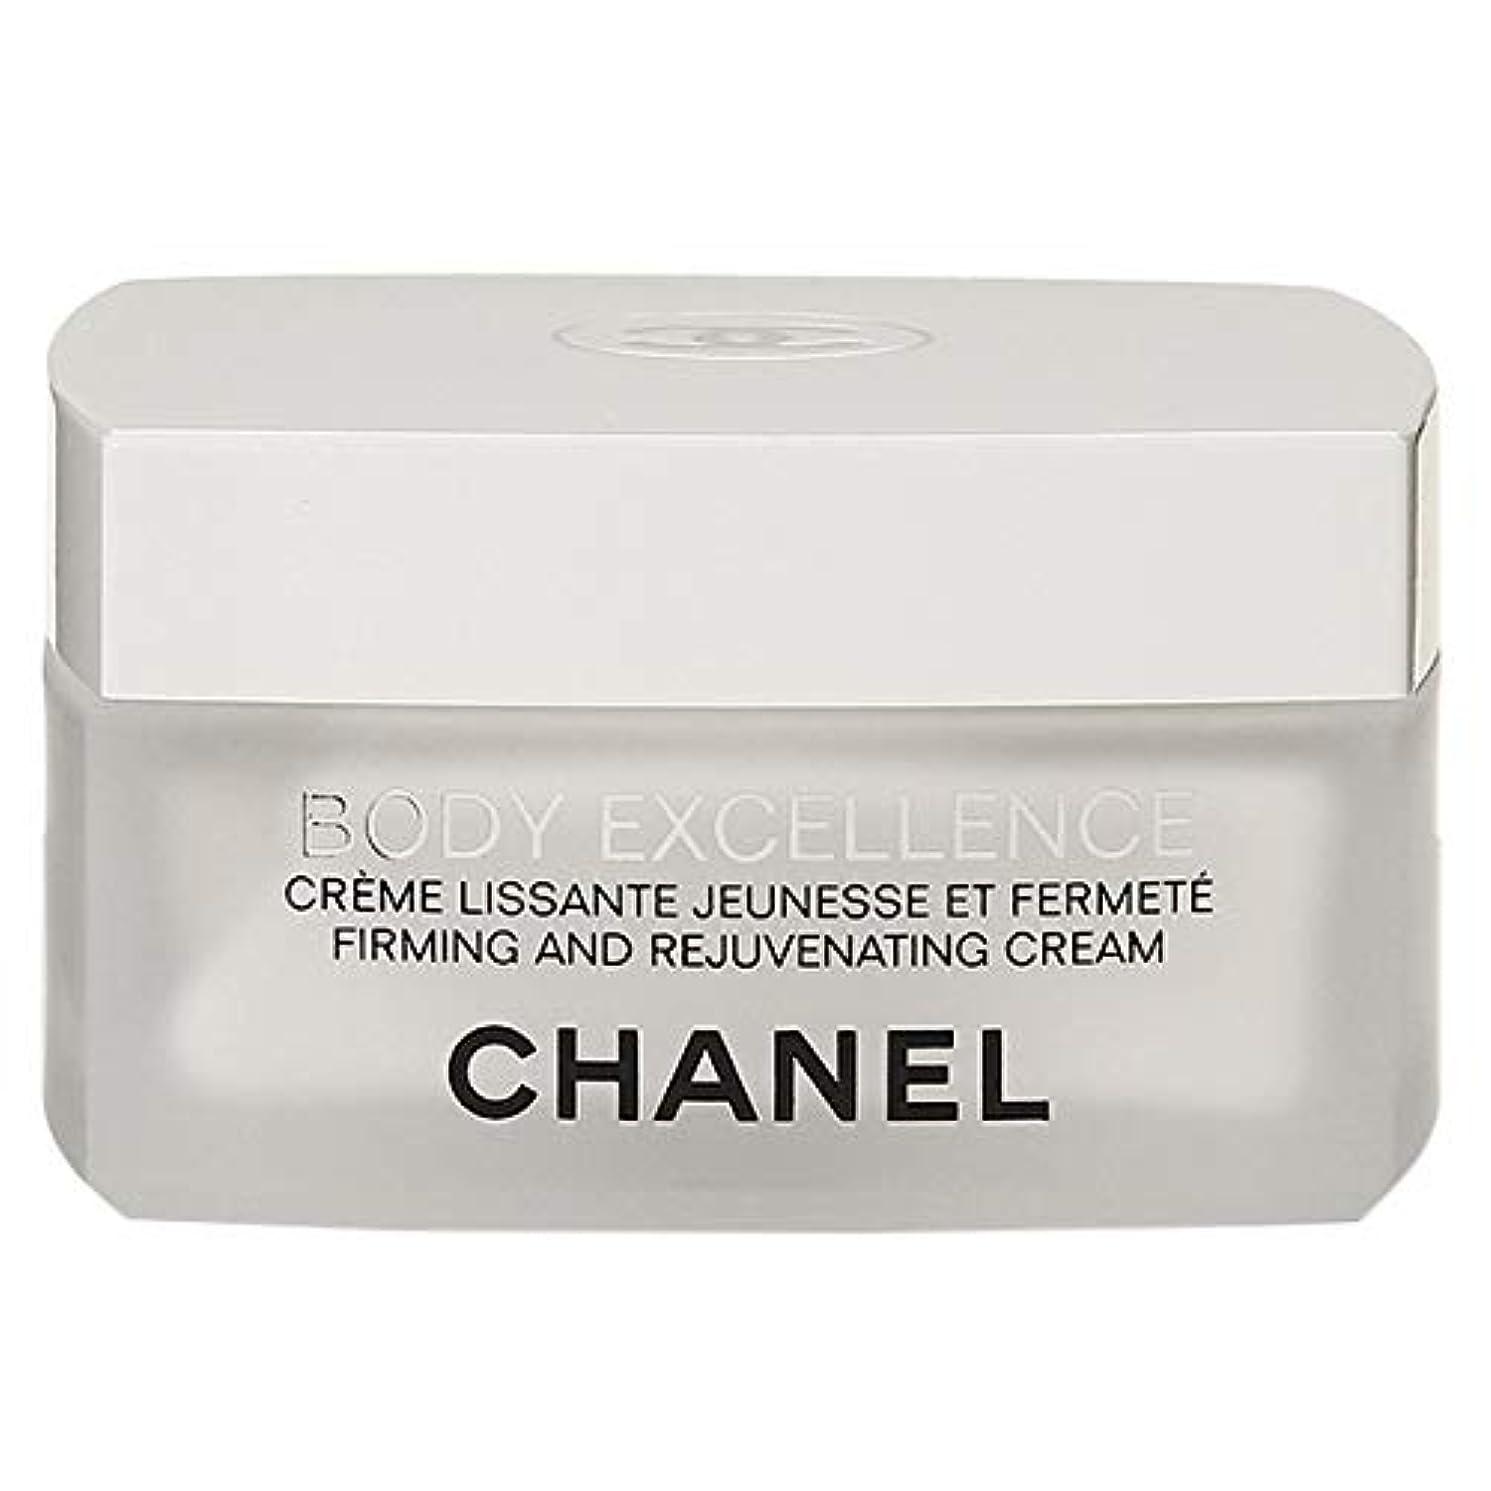 縮れた年次にやにやシャネル CHANEL ボディ エクセレンス ファーミング クリーム 150g 【並行輸入品】